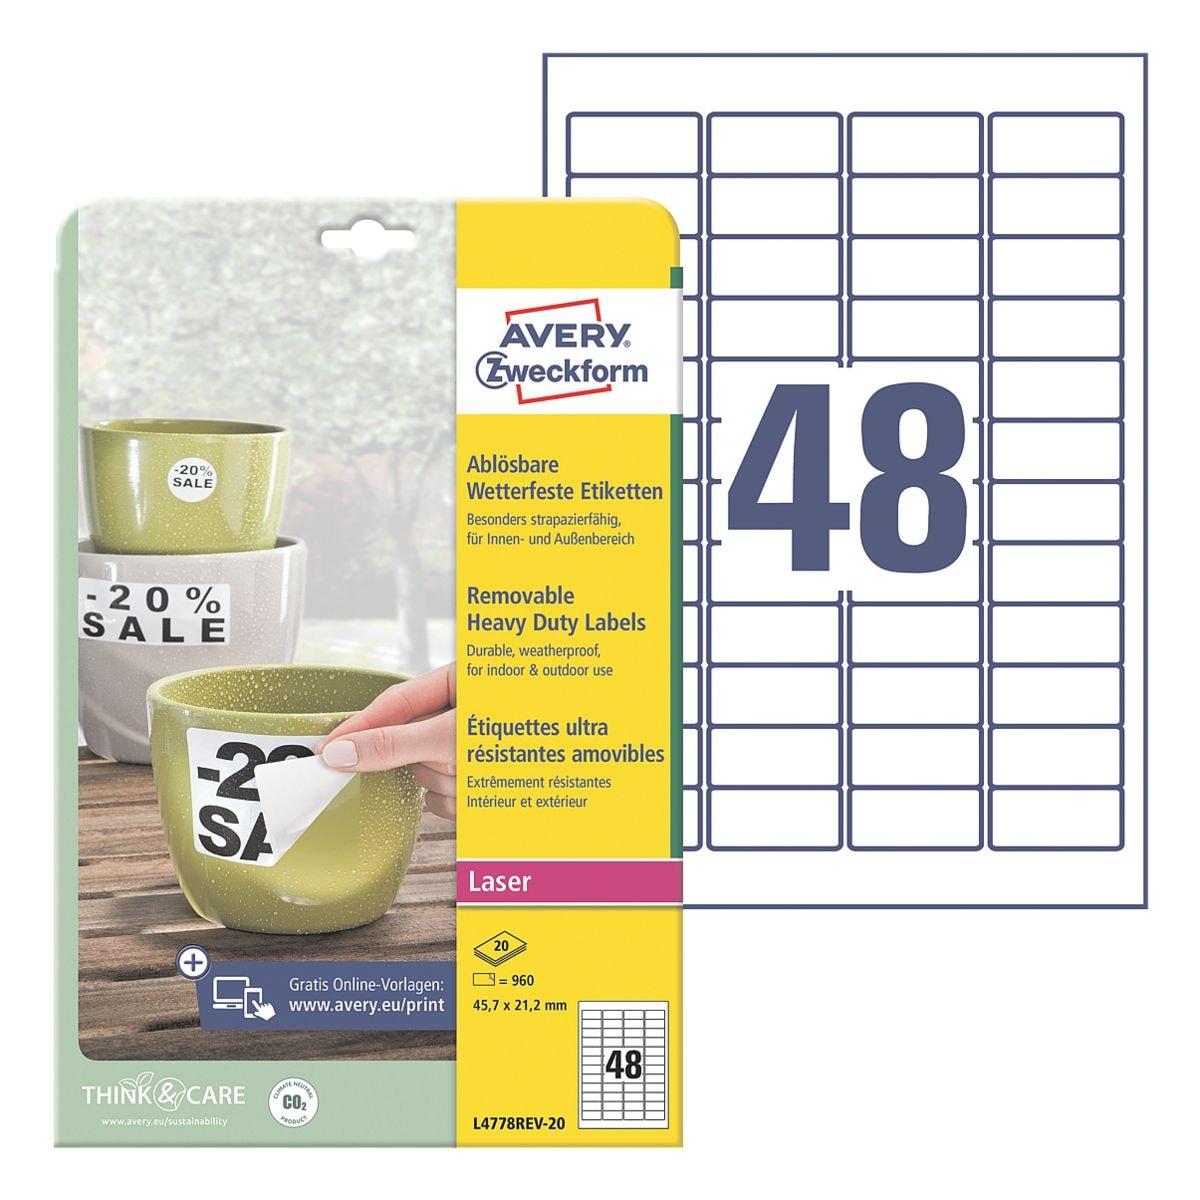 Avery Zweckform Wetterfeste Folien-Etiketten 45,7x21,2 mm »L4778REV-20« wiederablösbar